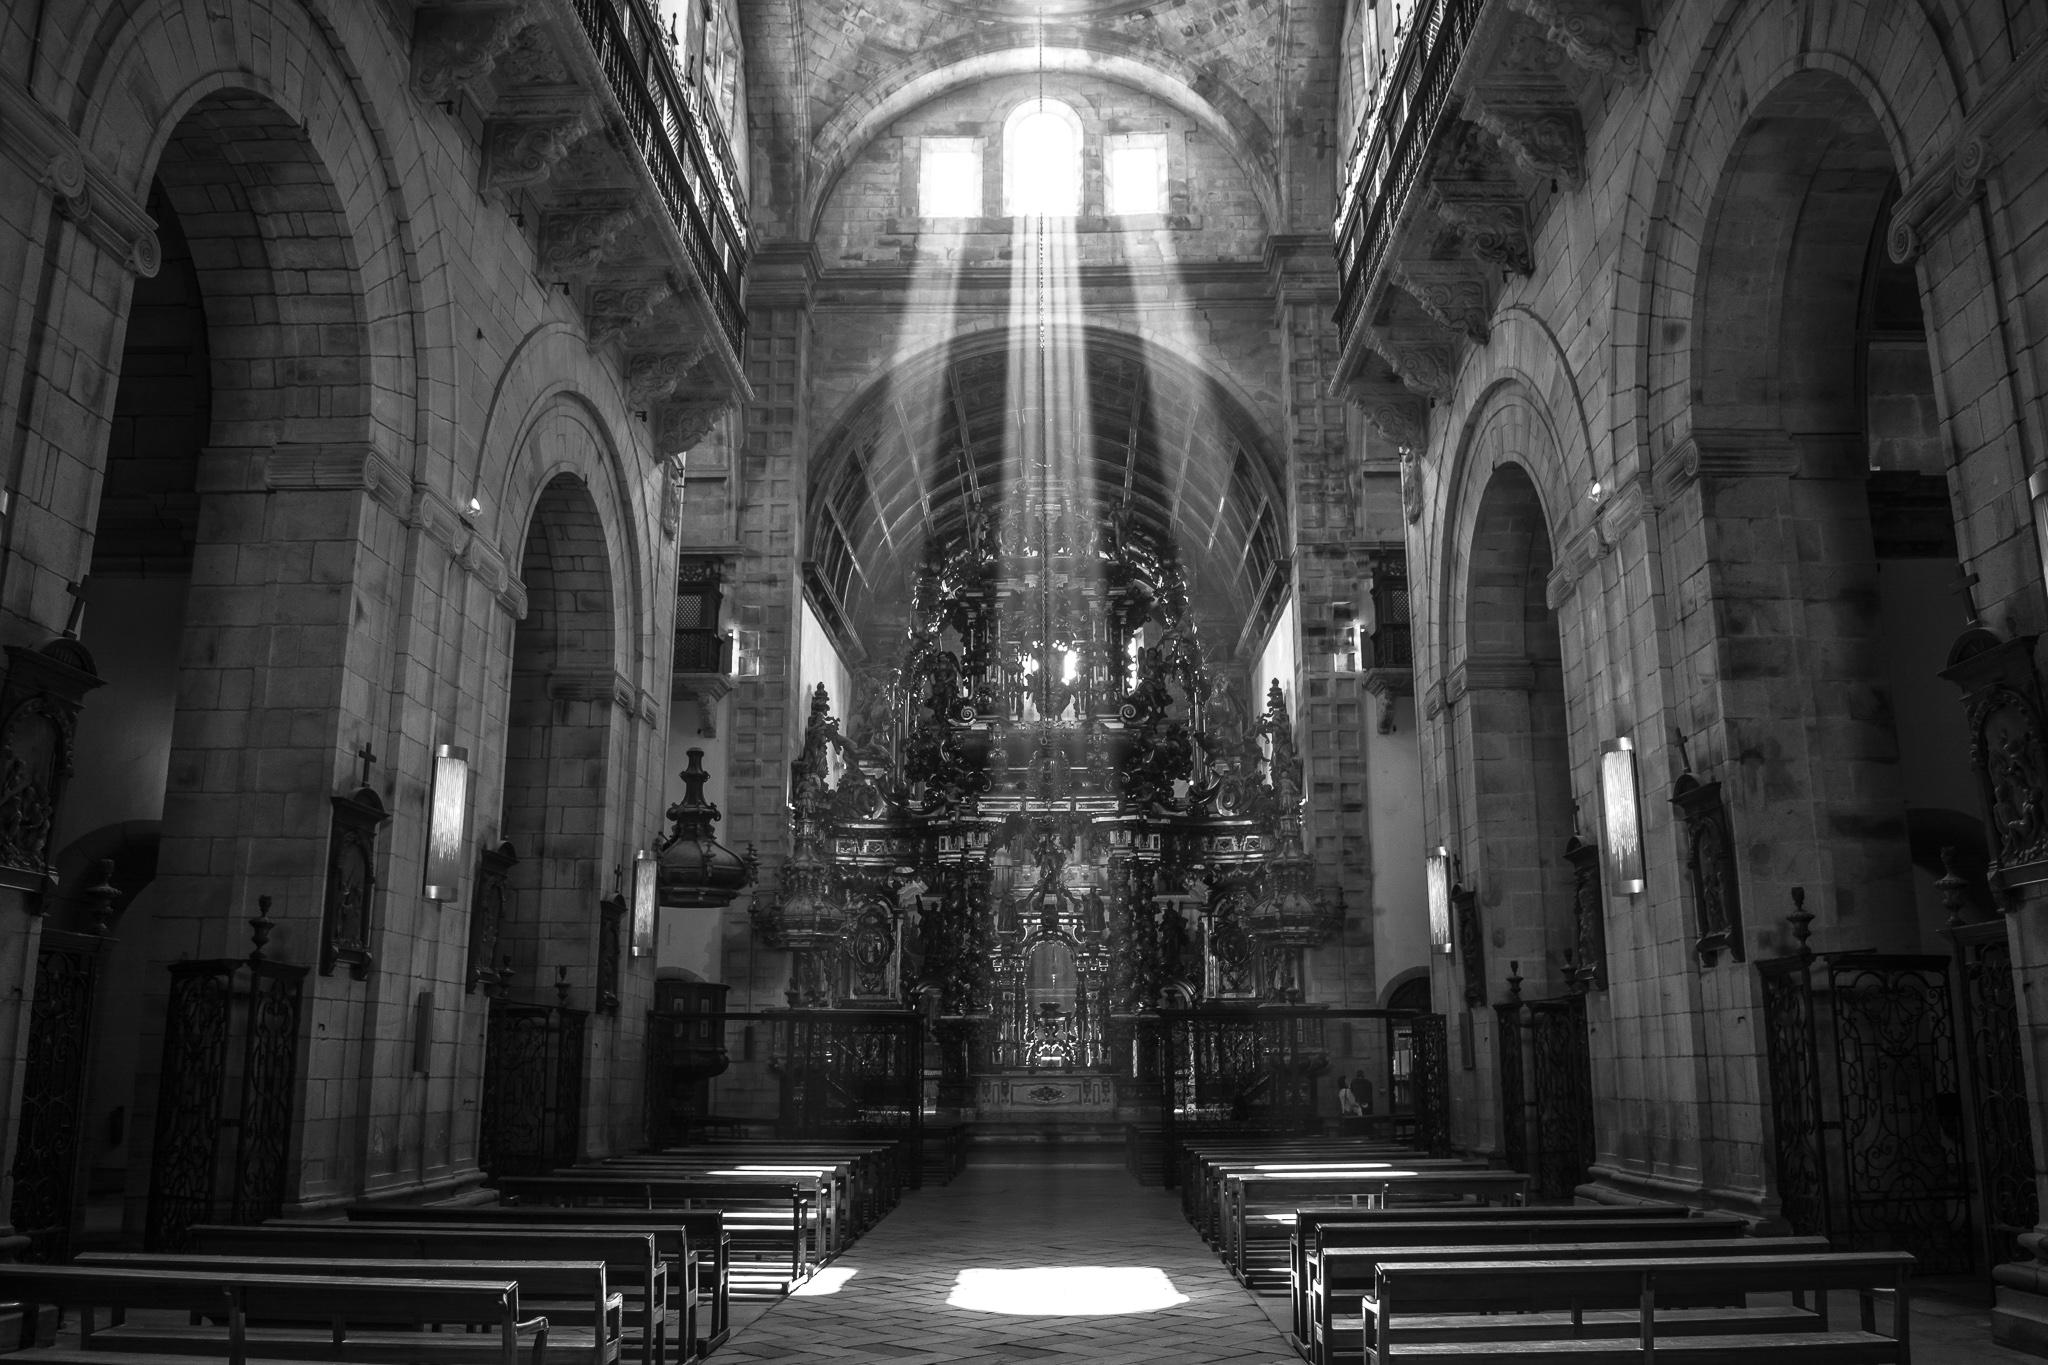 O mosteiro benedictino de San Martín Pinario, que se sitúa a poucos metros da Catedral fronte a Praza da Azabachería, pode considerarse xunto a esta un dos conxuntos máis valiosos do barroco galego. <br>O mosteiro, que data do século XVI, funciona na actualidade como hospedería e como sede do Seminario Maior.